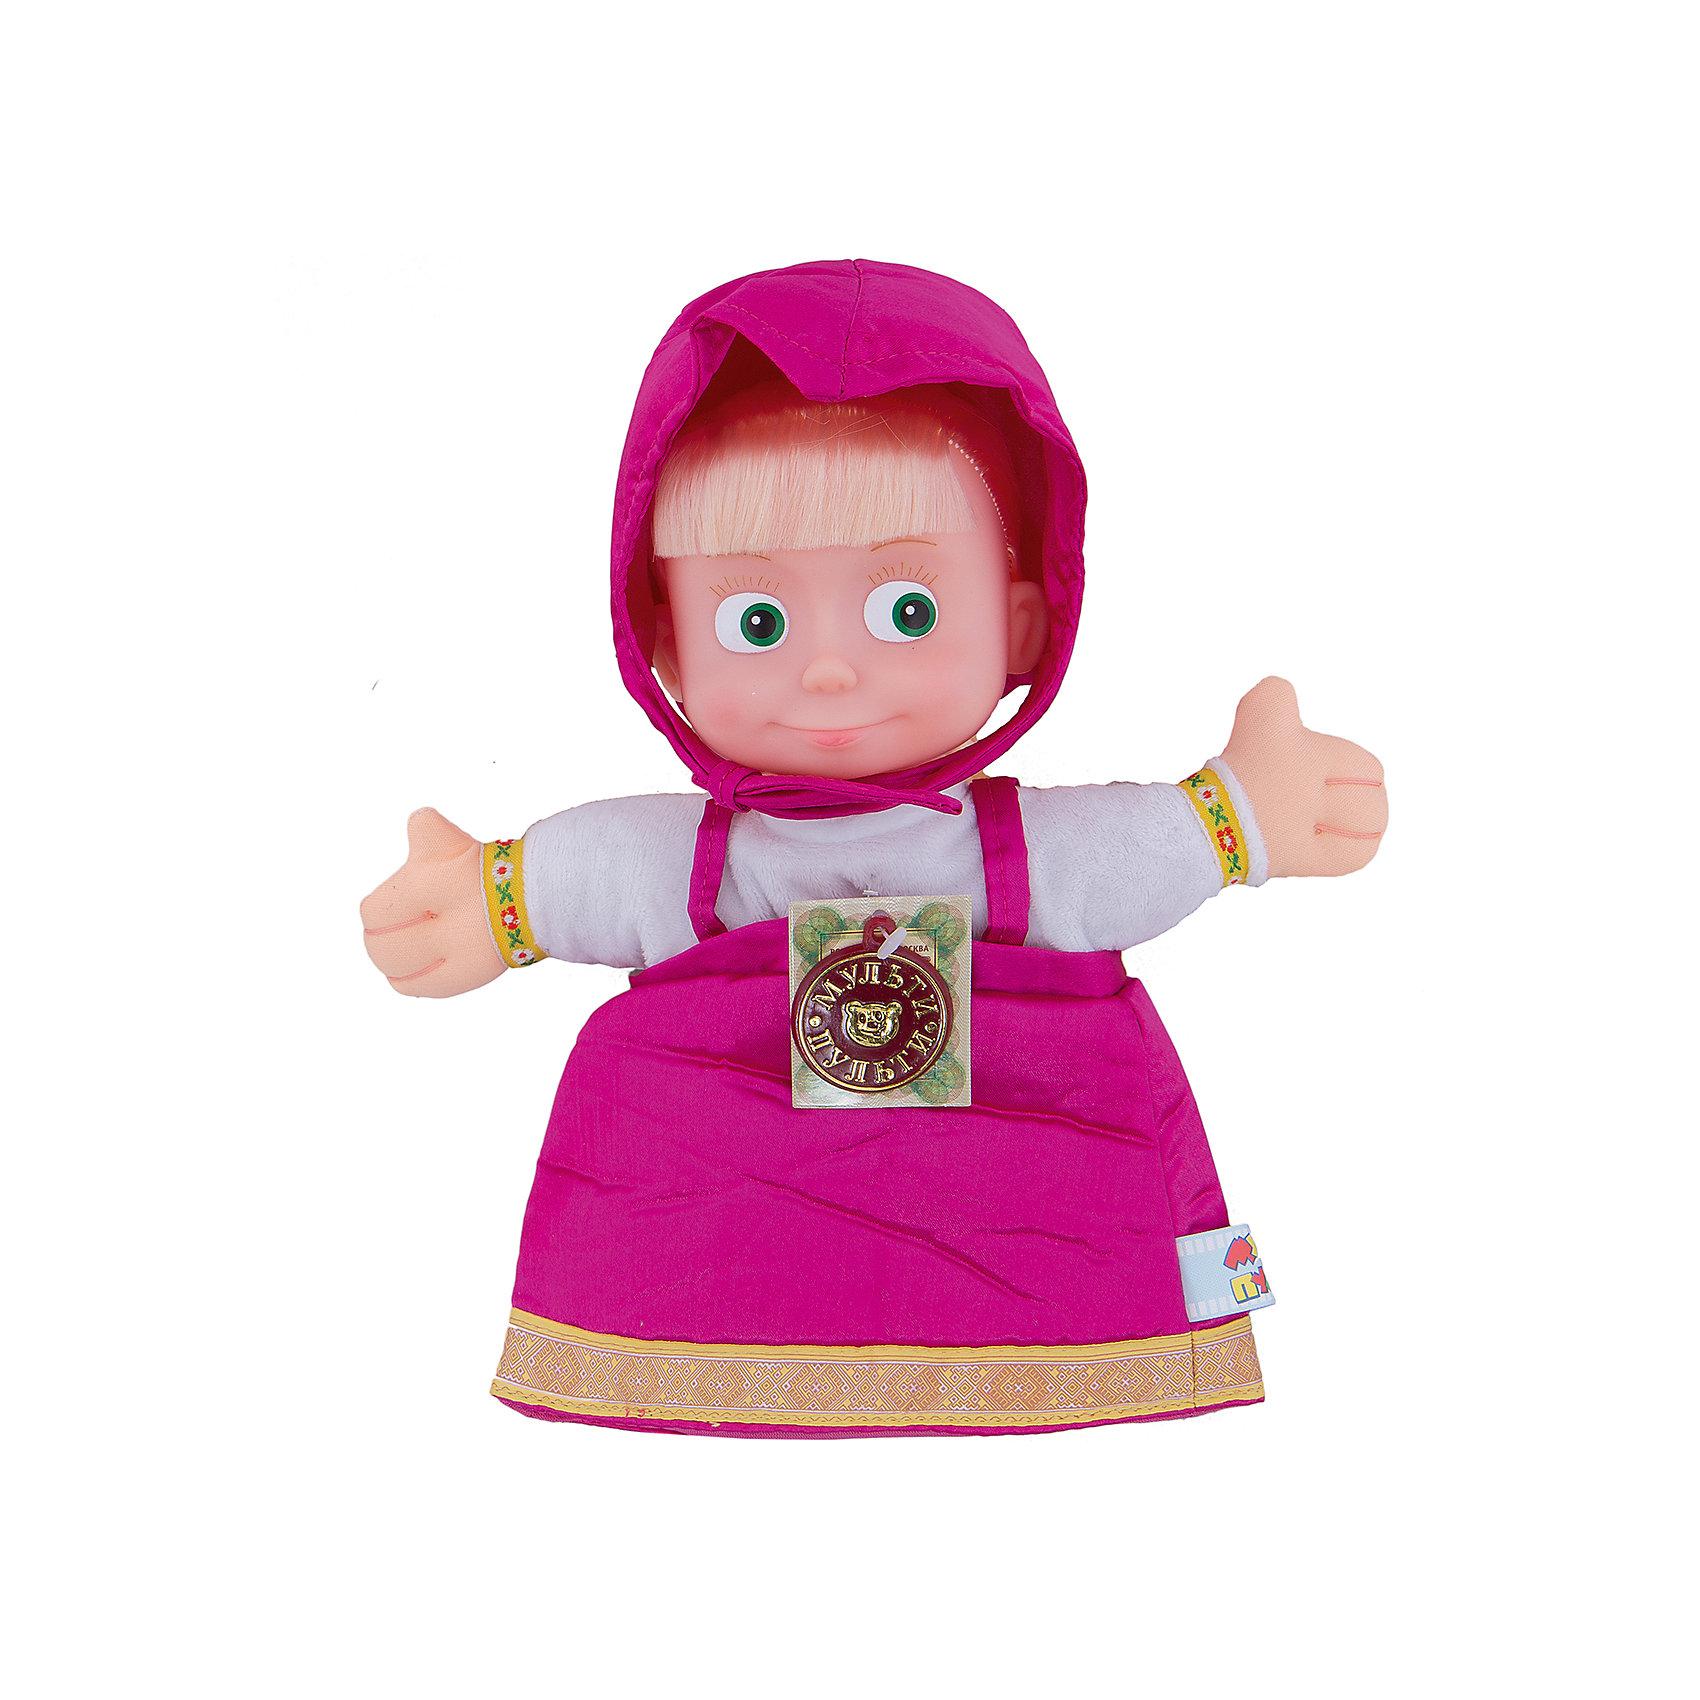 Кукла на руку Маша, 27 см, Маша и Медведь, МУЛЬТИ-ПУЛЬТИИгрушки<br>С куклой на руку Маша Ваш ребенок сможет разыгрывать сценки из любимого мультфильма Маша и Медведь и устраивать с друзьями домашние спектакли.<br><br>У непоседы Маши - озорные зеленые глаза, золотистые волосы и длинная коса. Маша одета в красивый розовый сарафан и белую рубашку. На голове - косынка в тон, которую можно снять. Голова куклы выполнена из пластика, а туловище из ткани.<br> <br>Такая игрушка способствует развитию мелкой моторики рук, воображения и фантазии ребенка.<br><br>С Машей Вы и Ваш ребенок сможете устроить дома настоящий театр!<br><br>Дополнительная информация:<br><br>- Игрушка на руку<br>- Высота игрушки: 27 см<br>- Материал: пластмасса, текстиль<br><br>Куклу на руку Маша от Маша и Медведь можно купить в нашем интернет-магазине.<br><br>Ширина мм: 162<br>Глубина мм: 162<br>Высота мм: 270<br>Вес г: 63<br>Возраст от месяцев: 18<br>Возраст до месяцев: 144<br>Пол: Унисекс<br>Возраст: Детский<br>SKU: 3143926